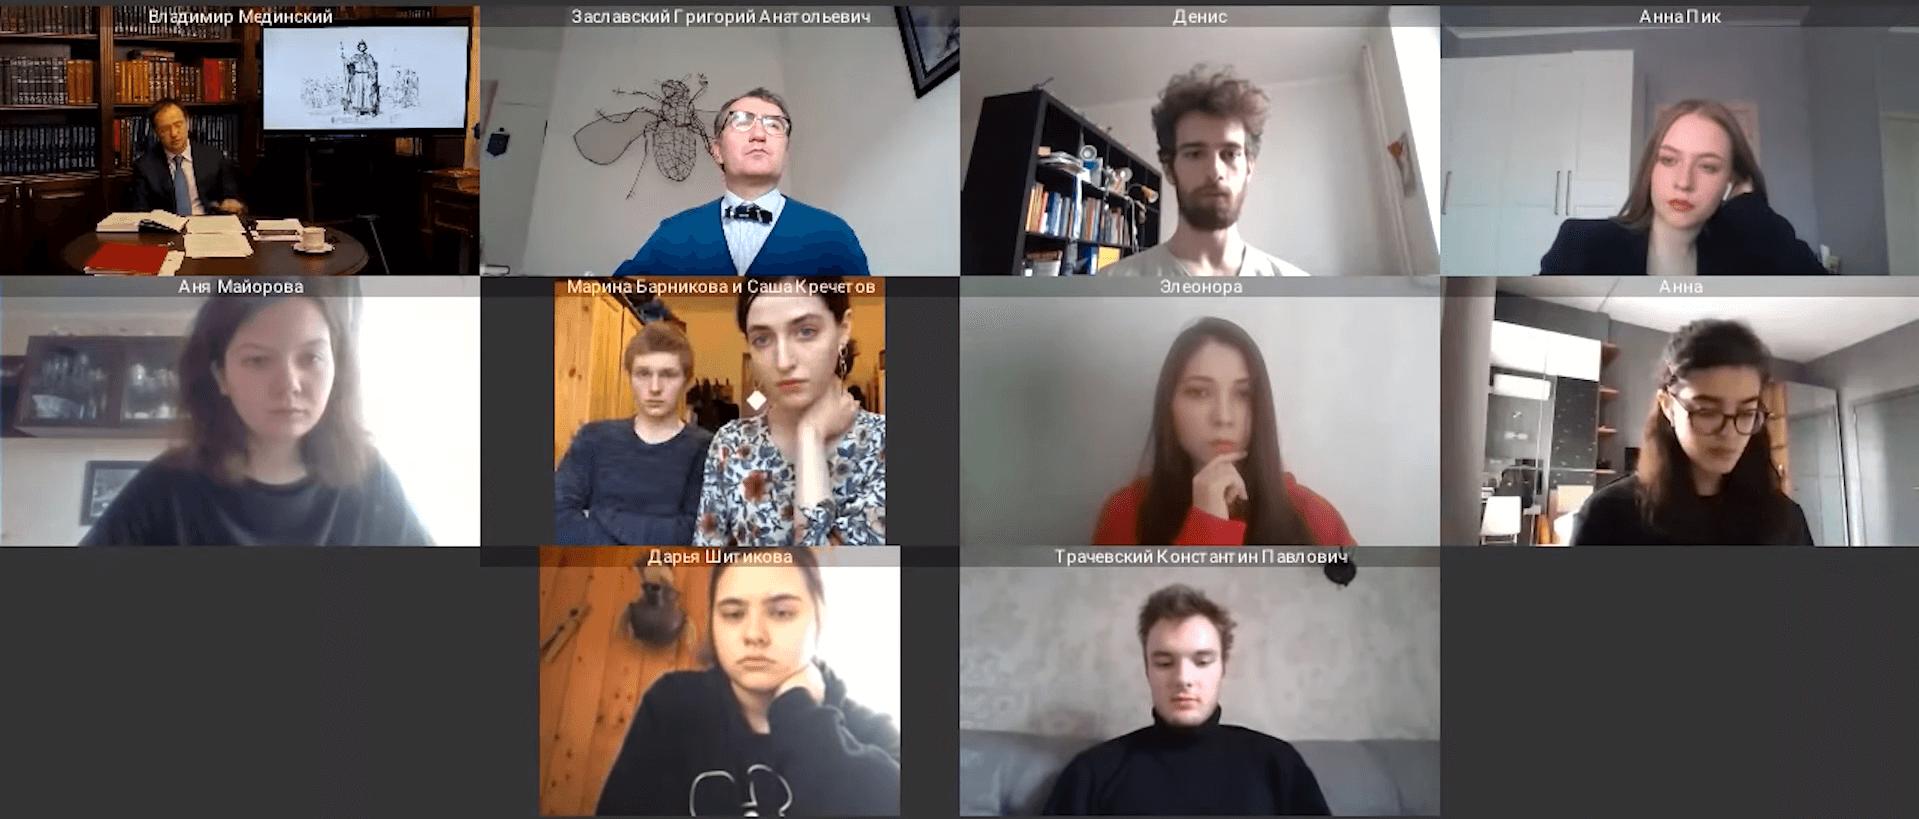 Как это — дистанционно учиться по видеосвязи TrueConf? 2